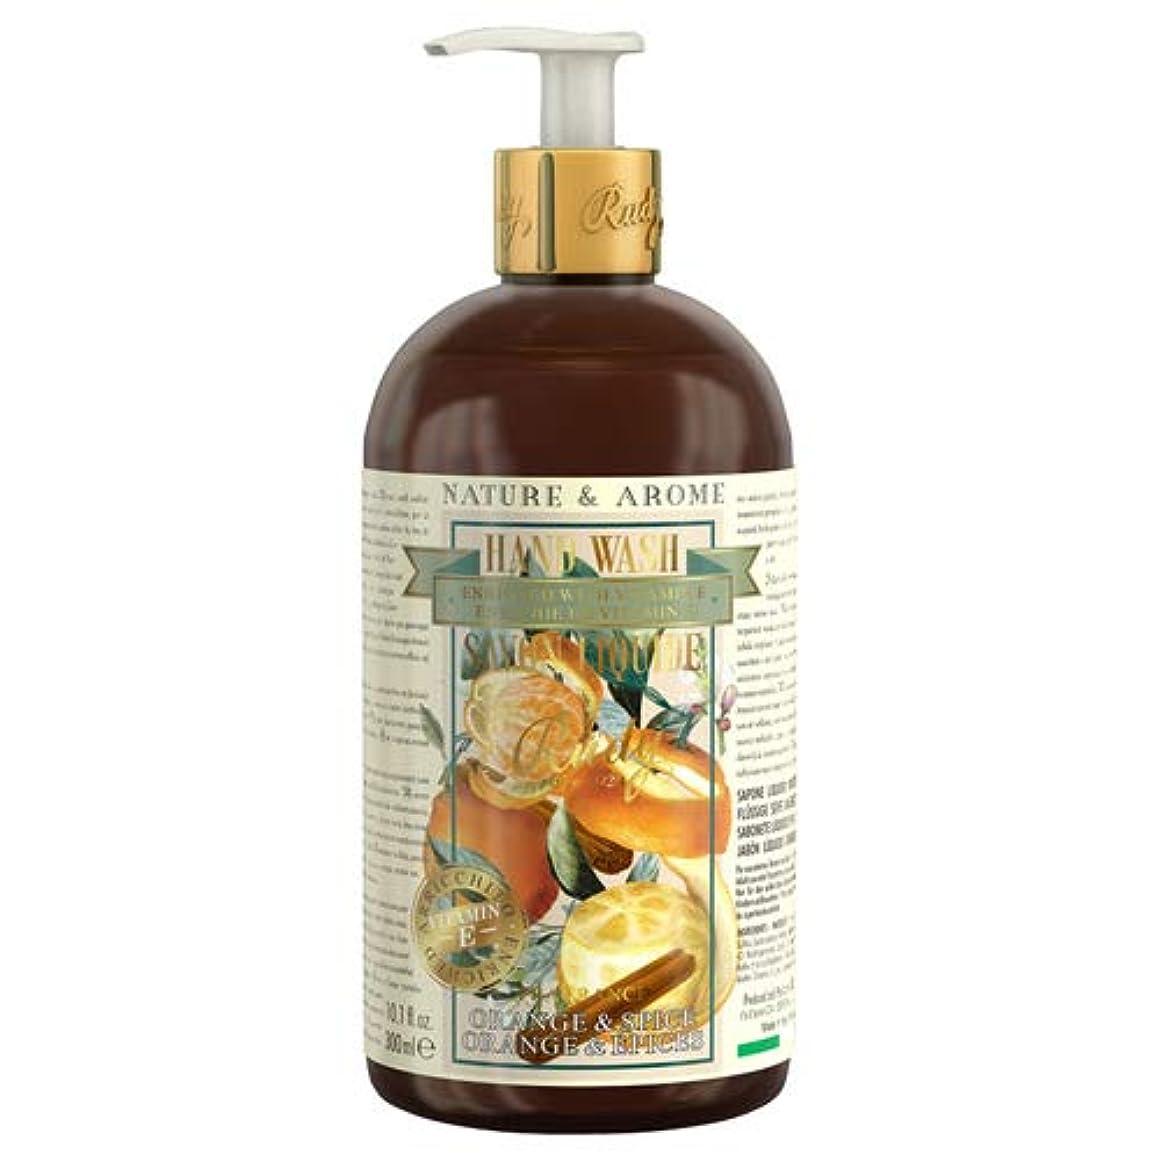 ディスコ戸惑う上に築きますRUDY Nature&Arome Apothecary ネイチャーアロマ アポセカリー Hand Wash ハンドウォッシュ(ボディソープ) Orange & Spice オレンジ&スパイス